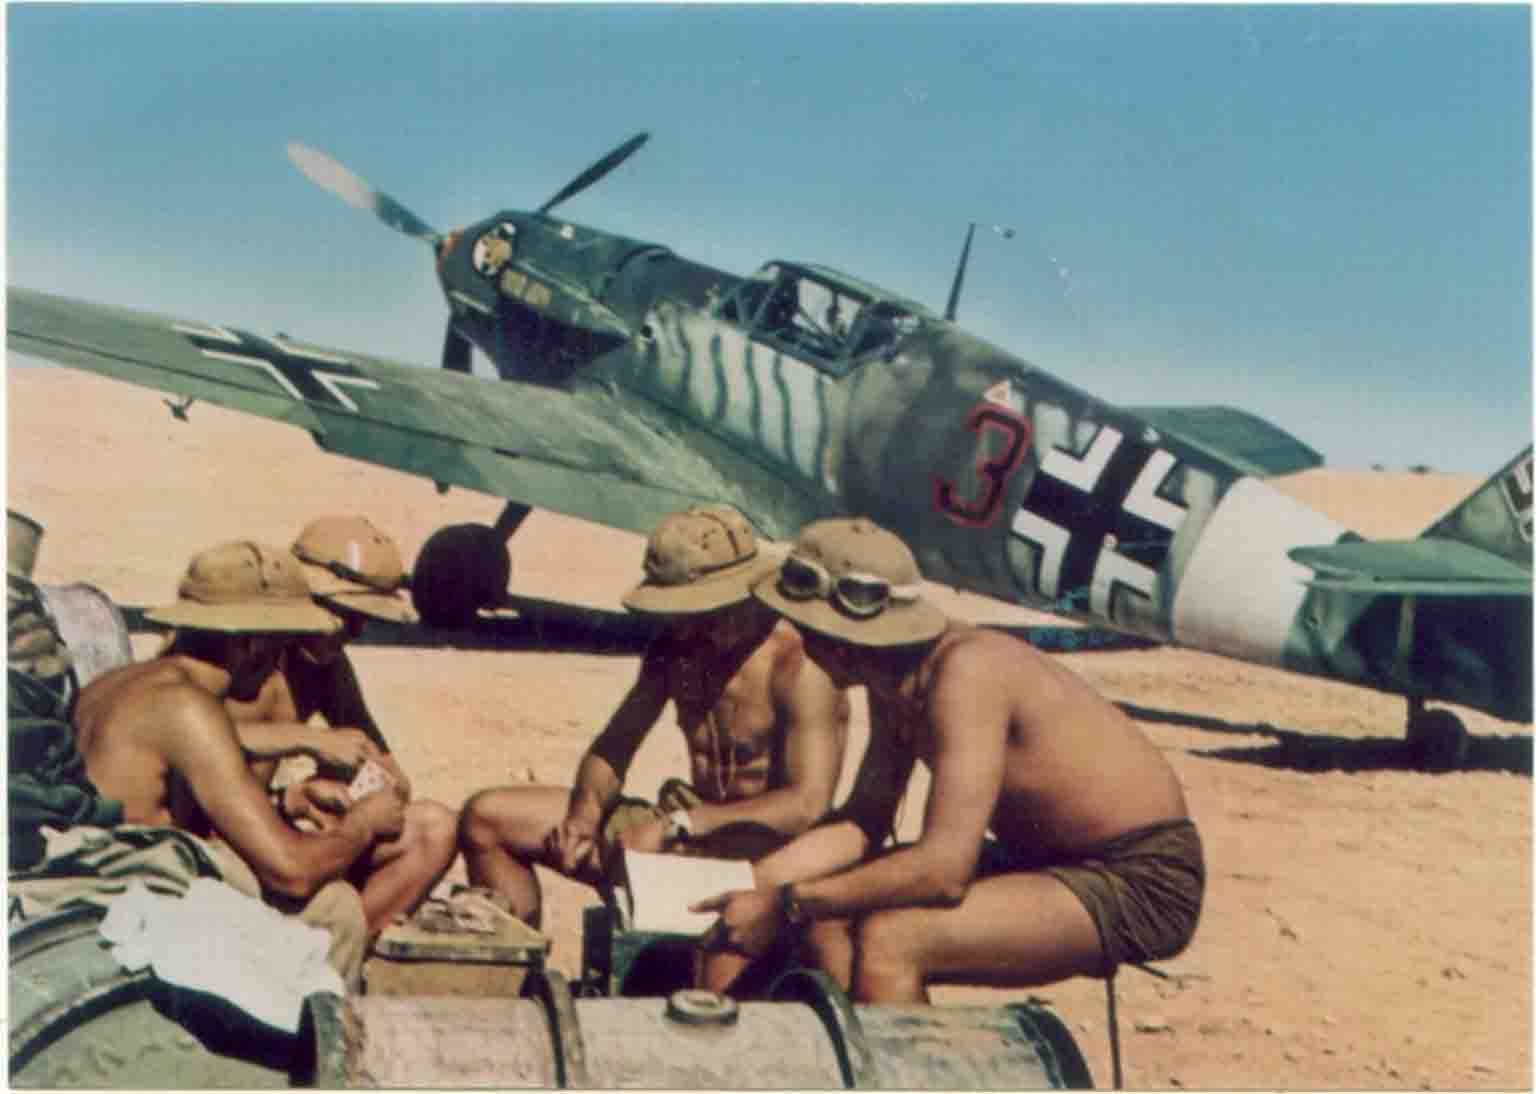 BF.109E-7/Trop